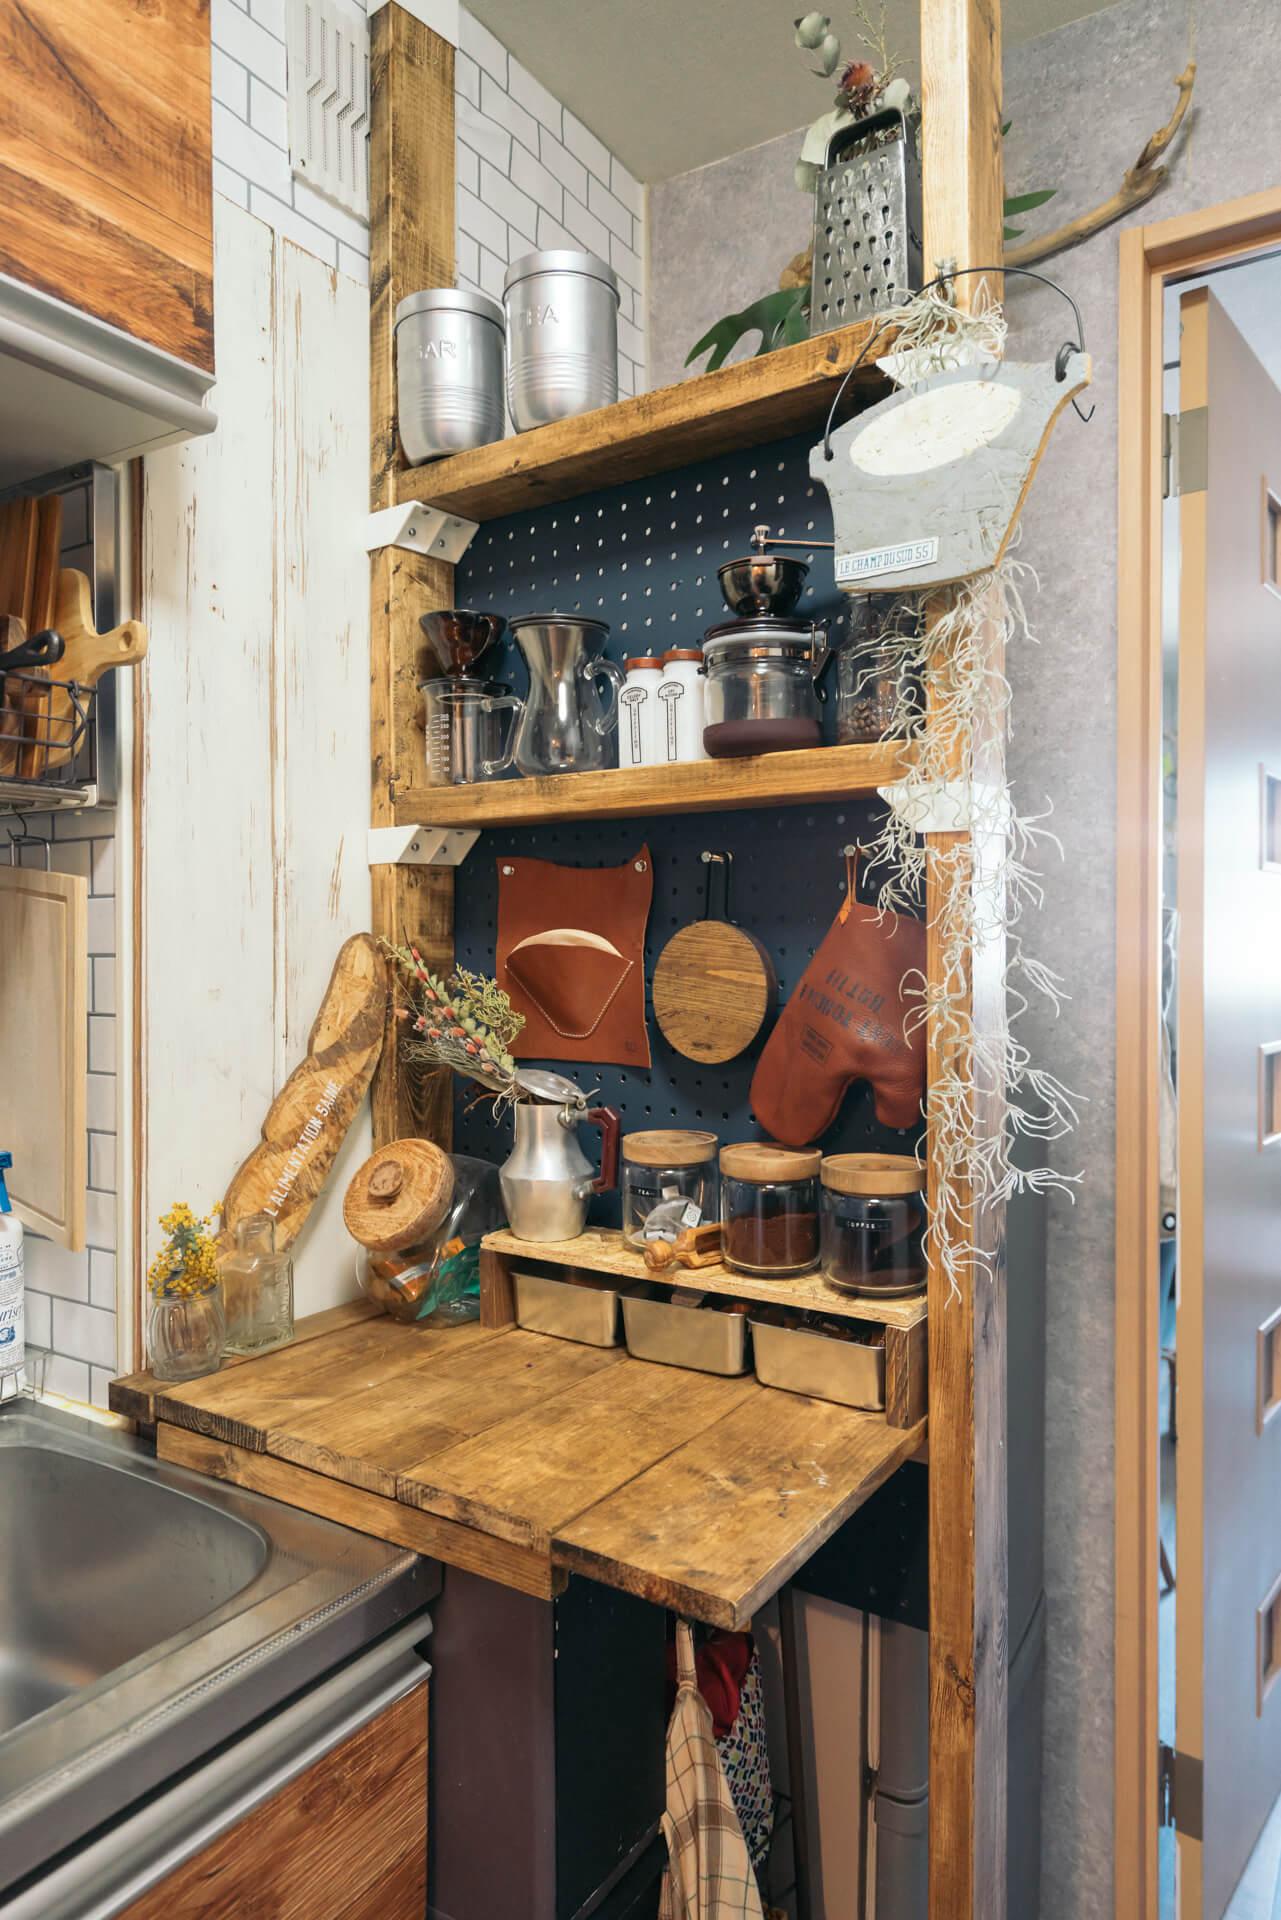 ディアウォールで作った棚の背面を有孔ボードにした例。間仕切りになるだけでなく、鍋敷きなど小さなものの収納にも使えて一石二鳥。(このお部屋はこちら)